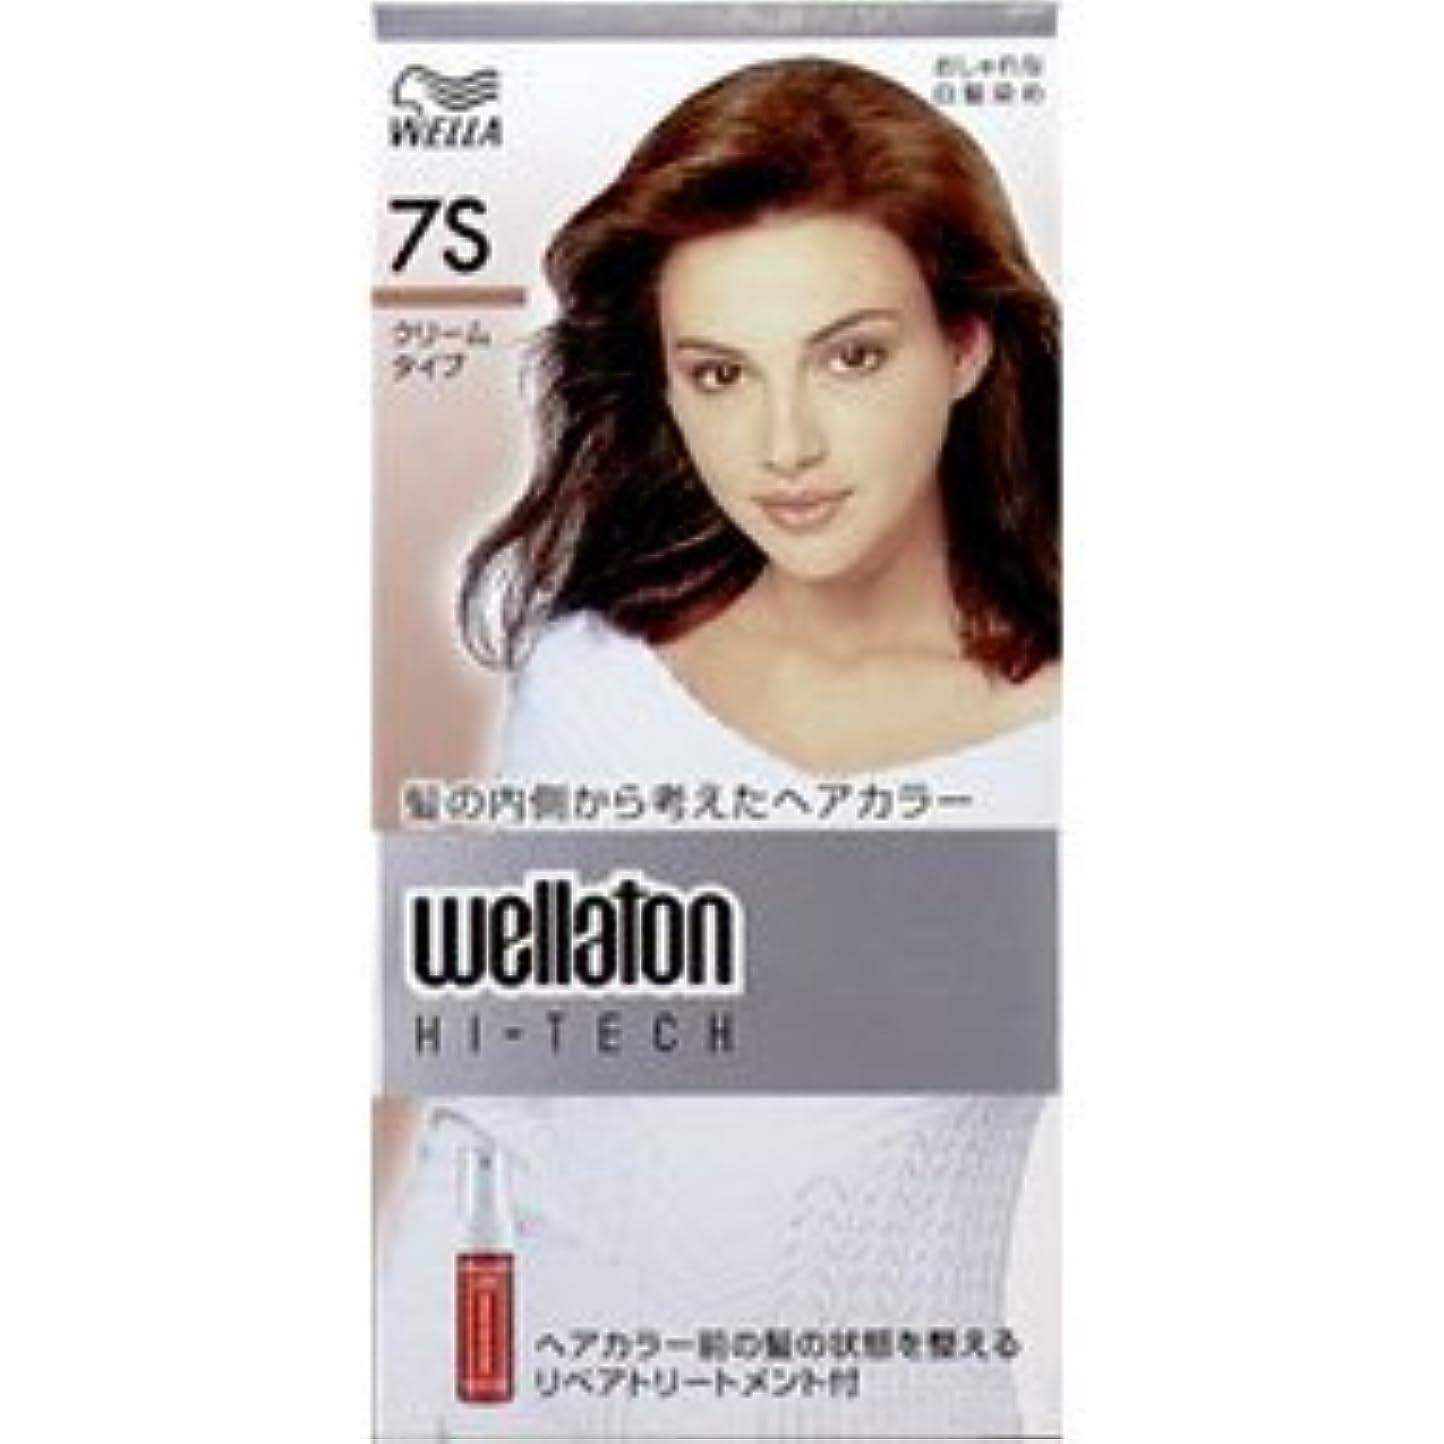 汚物意気揚々神経障害【ヘアケア】P&G ウエラ ウエラトーン ハイテッククリーム 7S 透明感のある明るい栗色 (医薬部外品) 白髪染めヘアカラー(女性用)×24点セット (4902565140602)